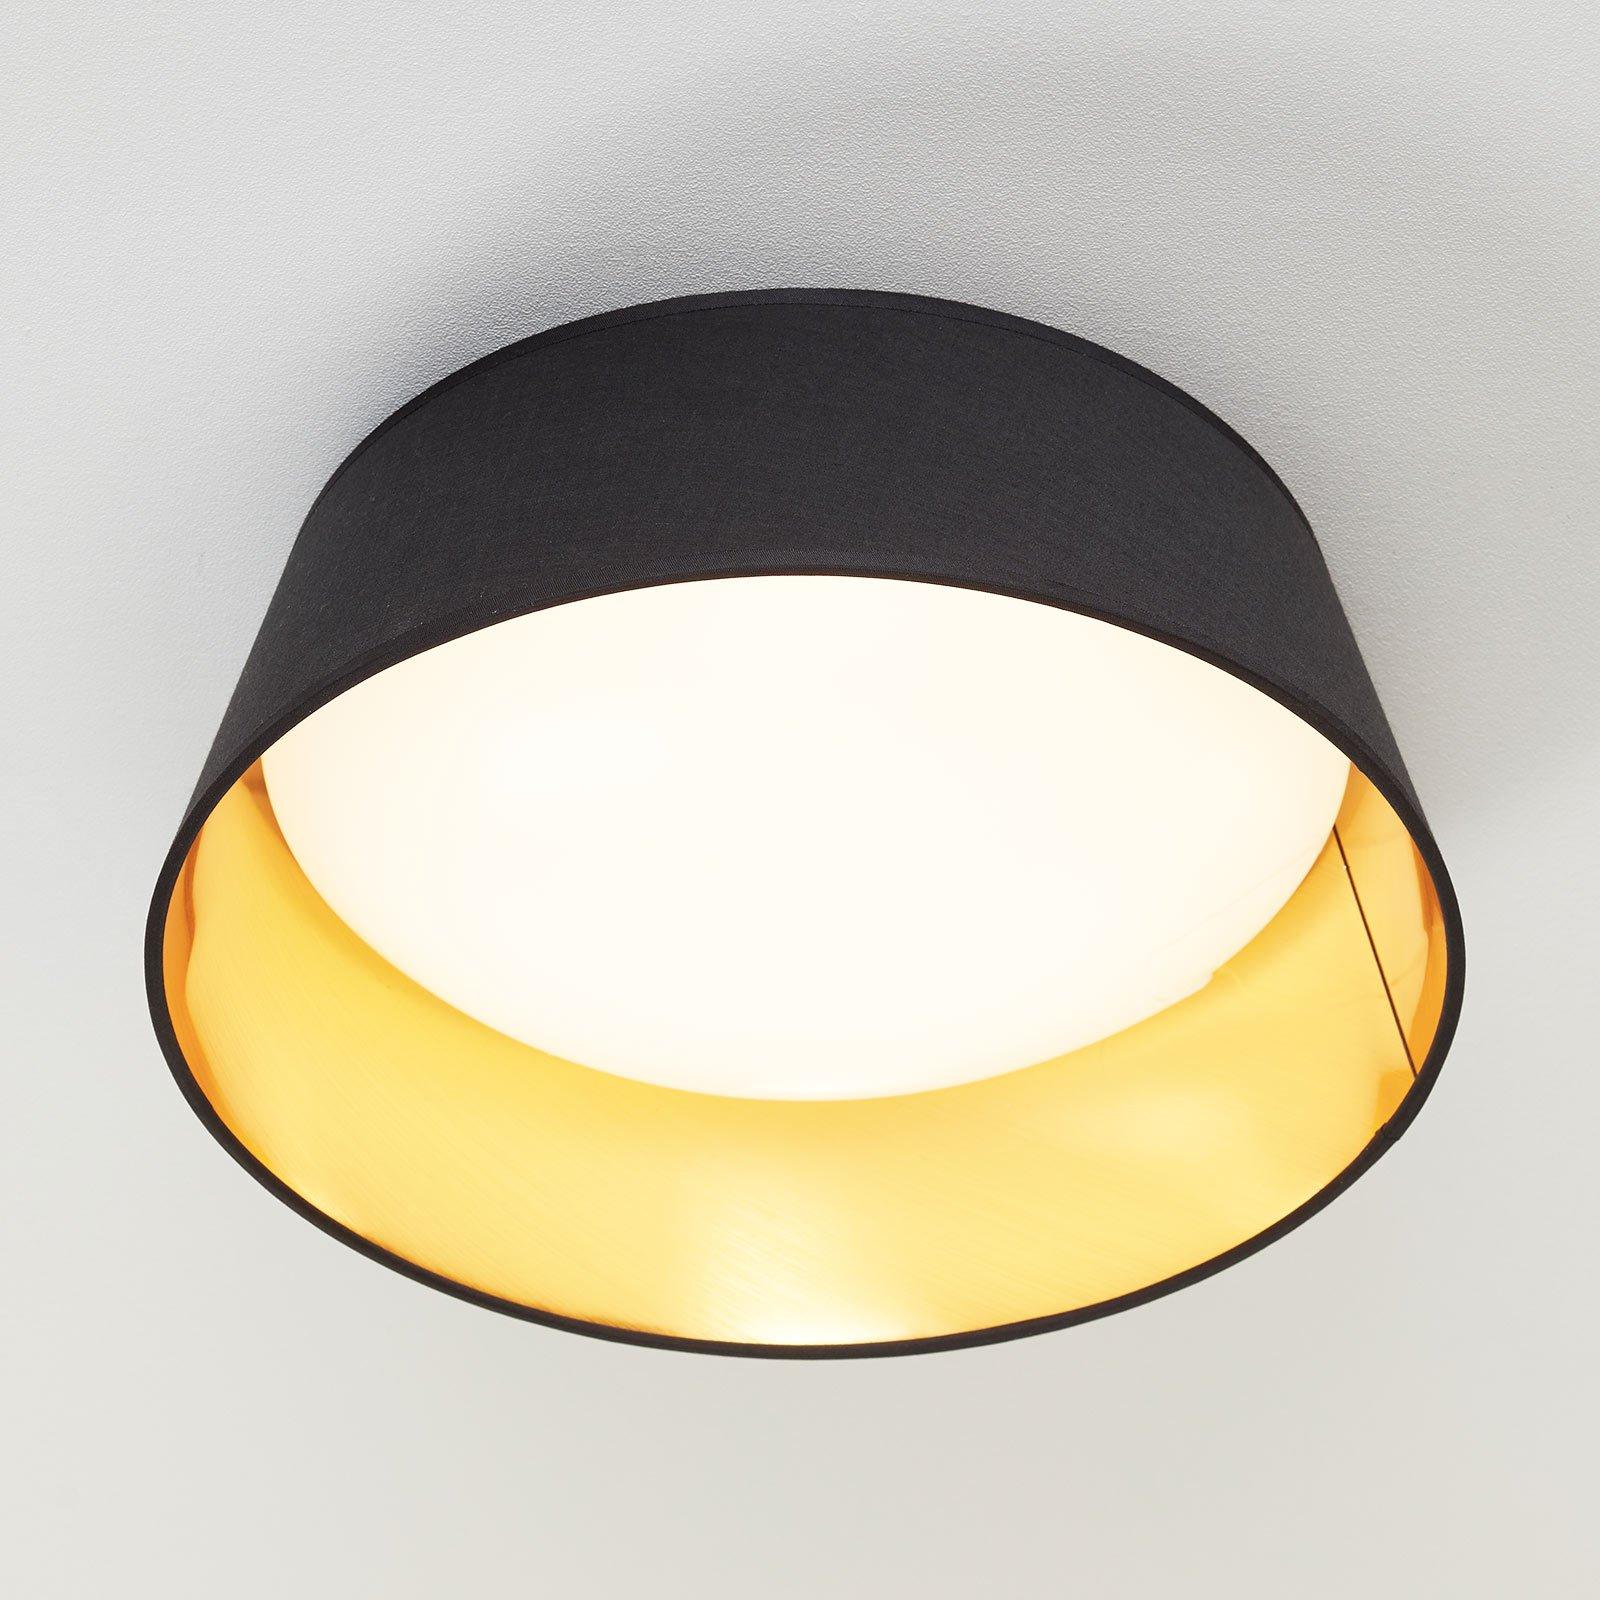 Svart, gyllen taklampe Ponts i tekstil med LED-lys